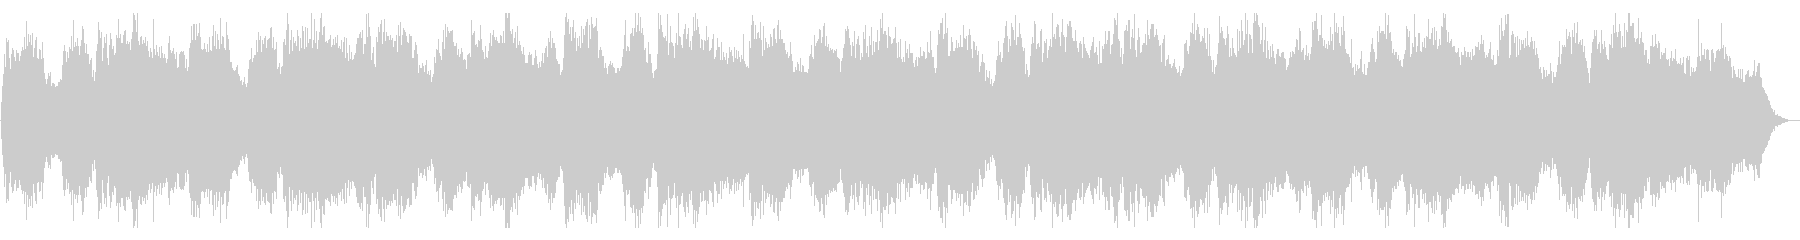 Suspicious Oba's ❤ soprano ❤ gentle treble's unreproduced waveform